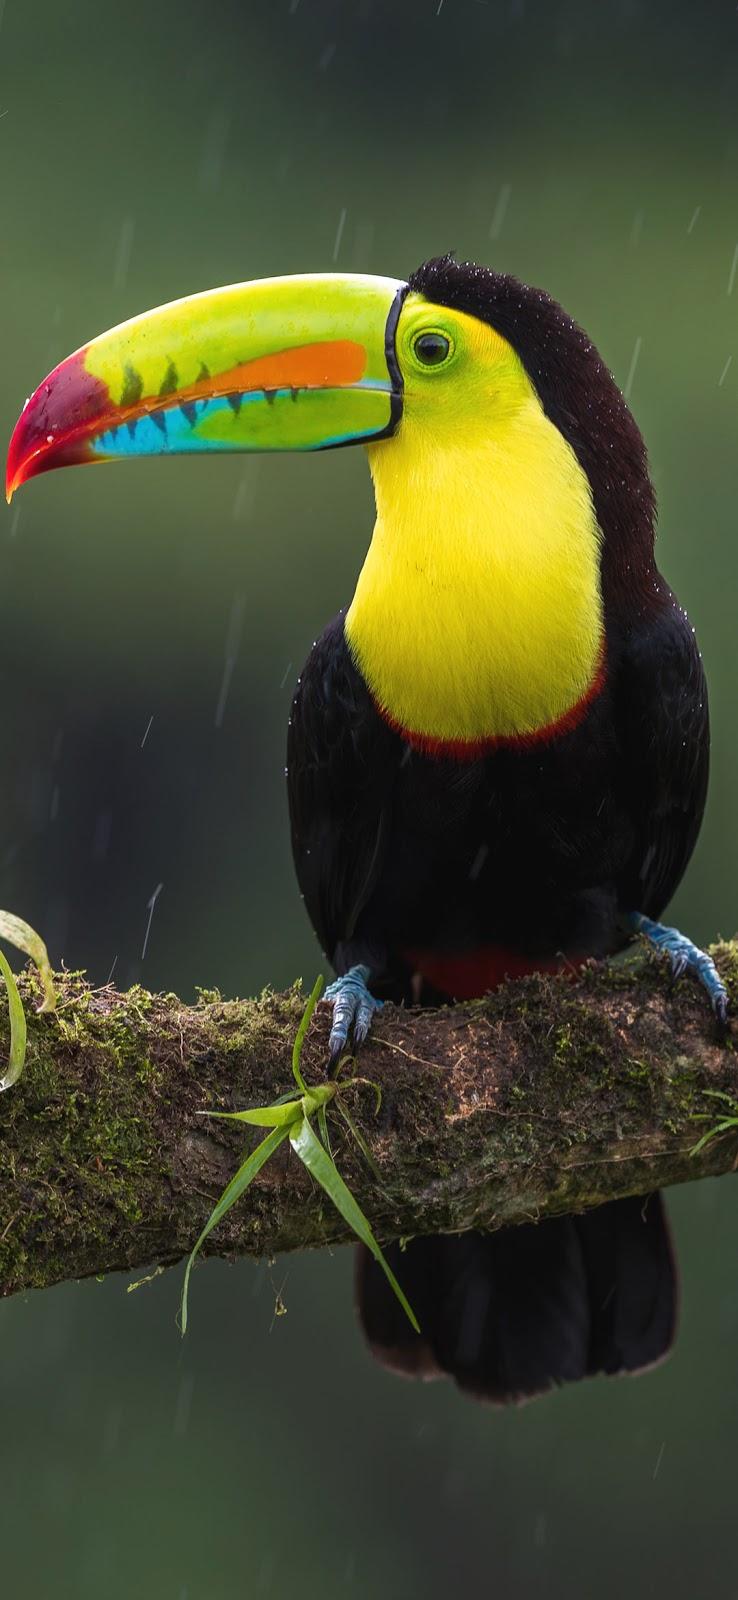 Green Toucan bird